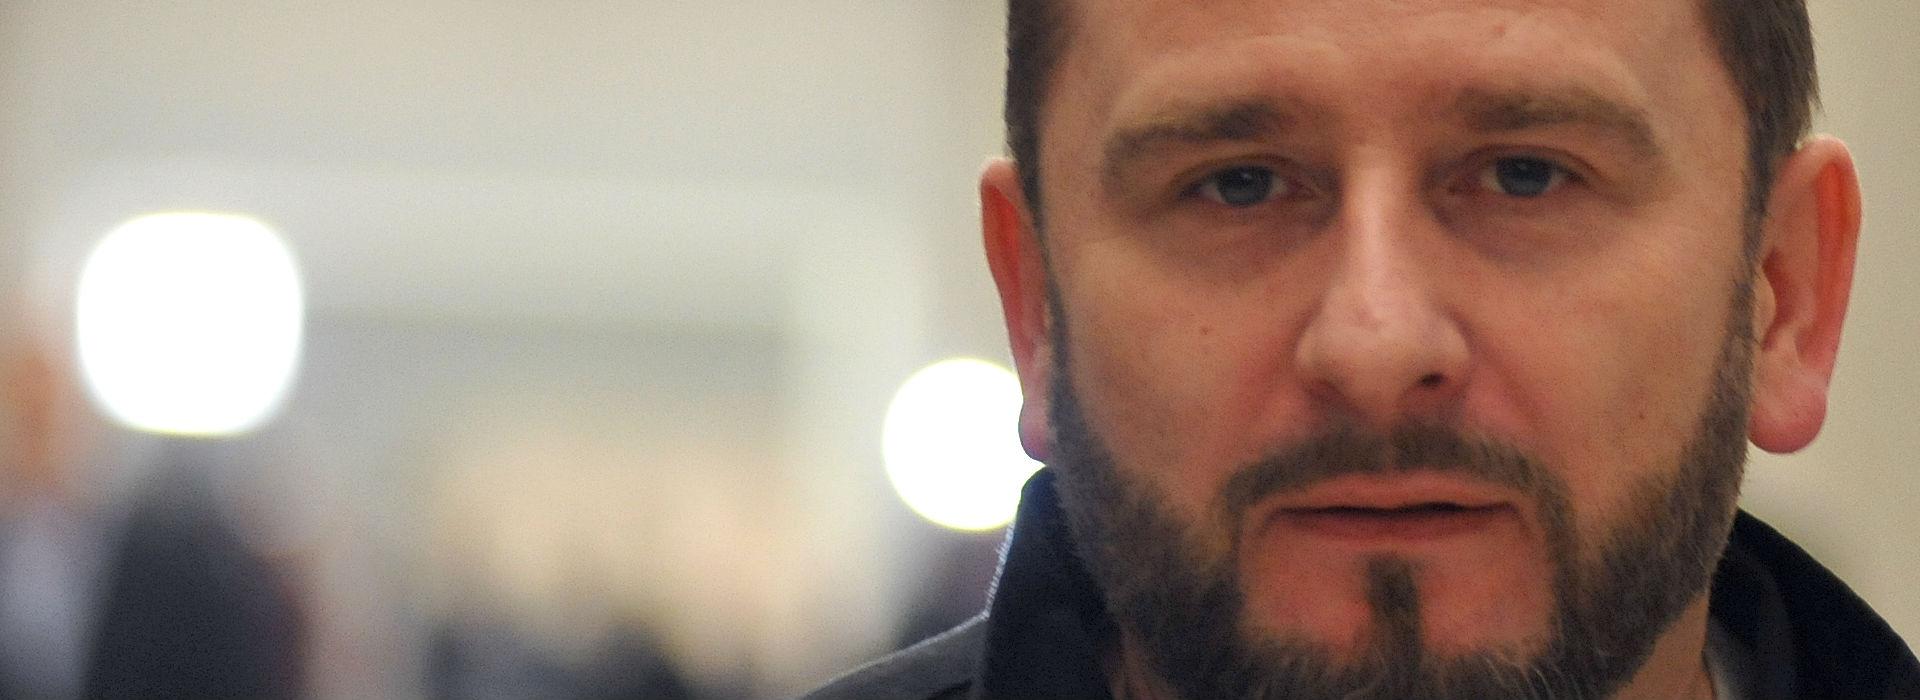 Piotr Liroy-Marzec chce większych szans na zaprezentowanie się w radiu młodych, rodzimych artystów i twórców niezależnych